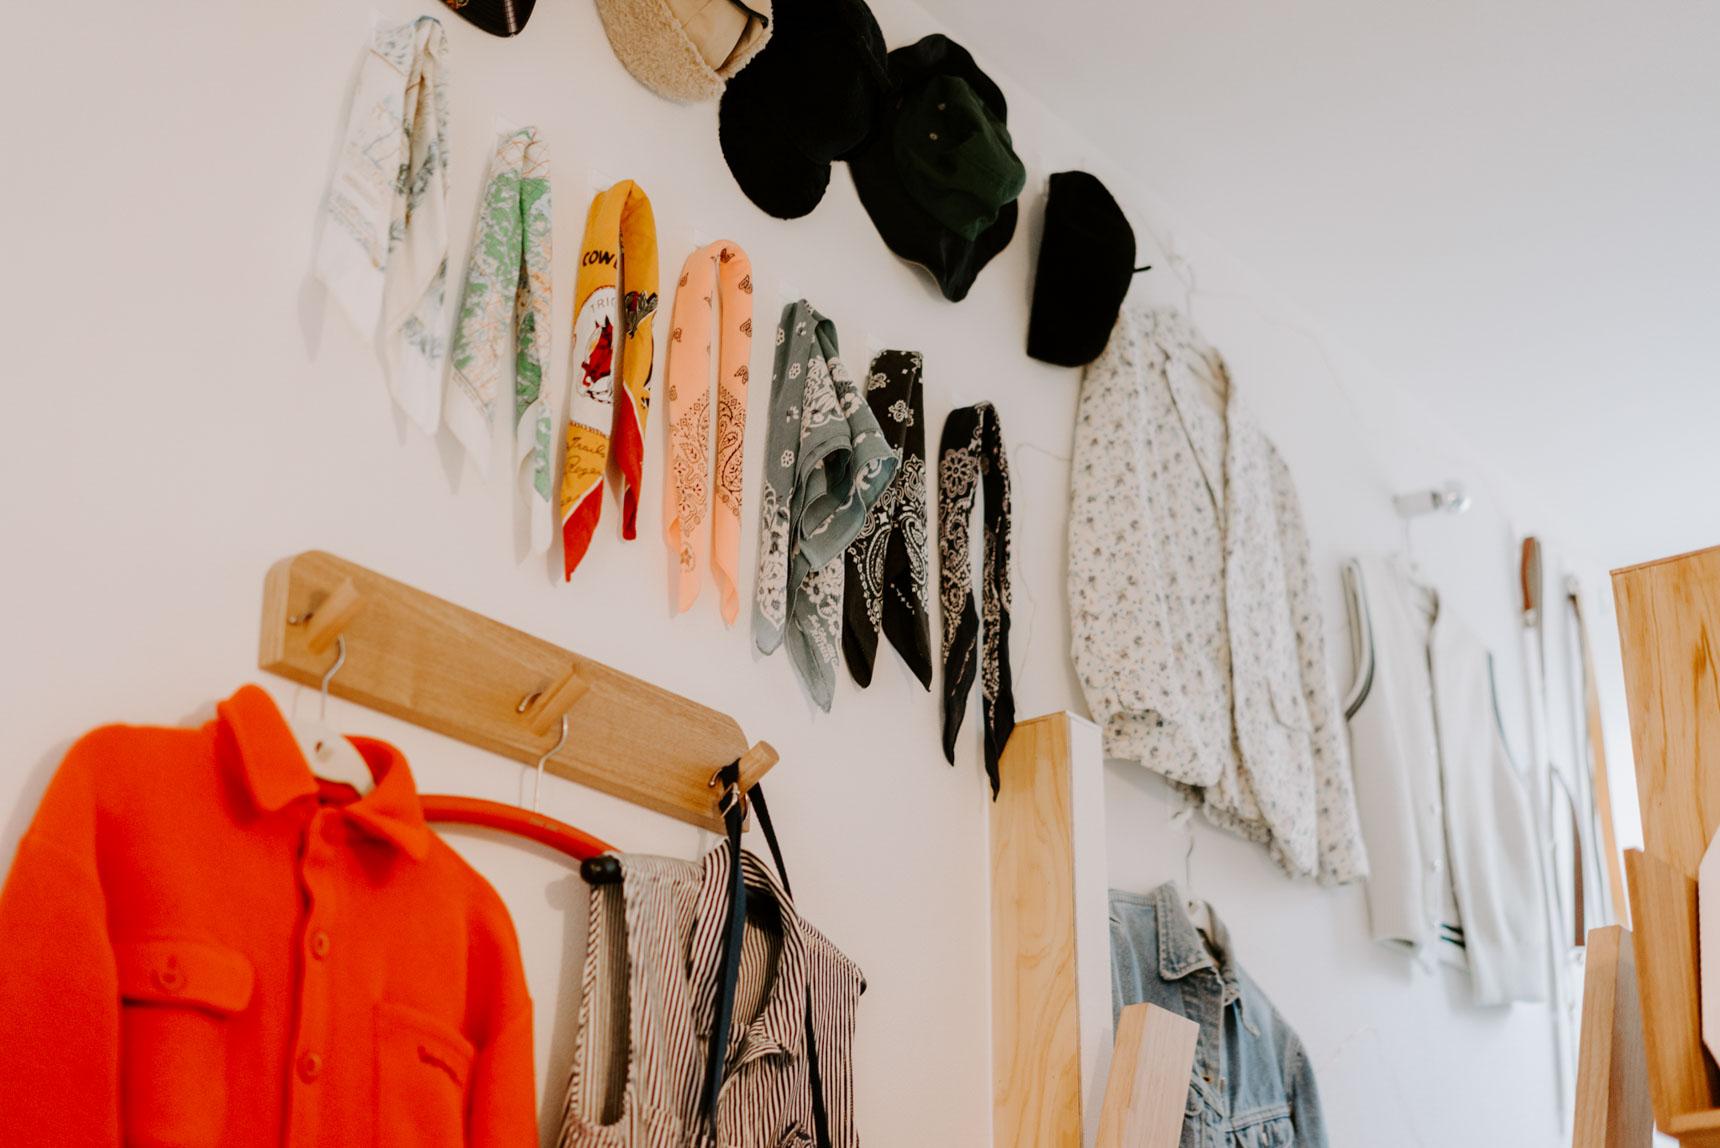 石膏ボードの壁にも、目立たない小さな穴でフックや棚をつけられるシリーズ「壁美人」をつかって、アイテムごとにひとつひとつ居場所をつくったお部屋(このお部屋はこちら)